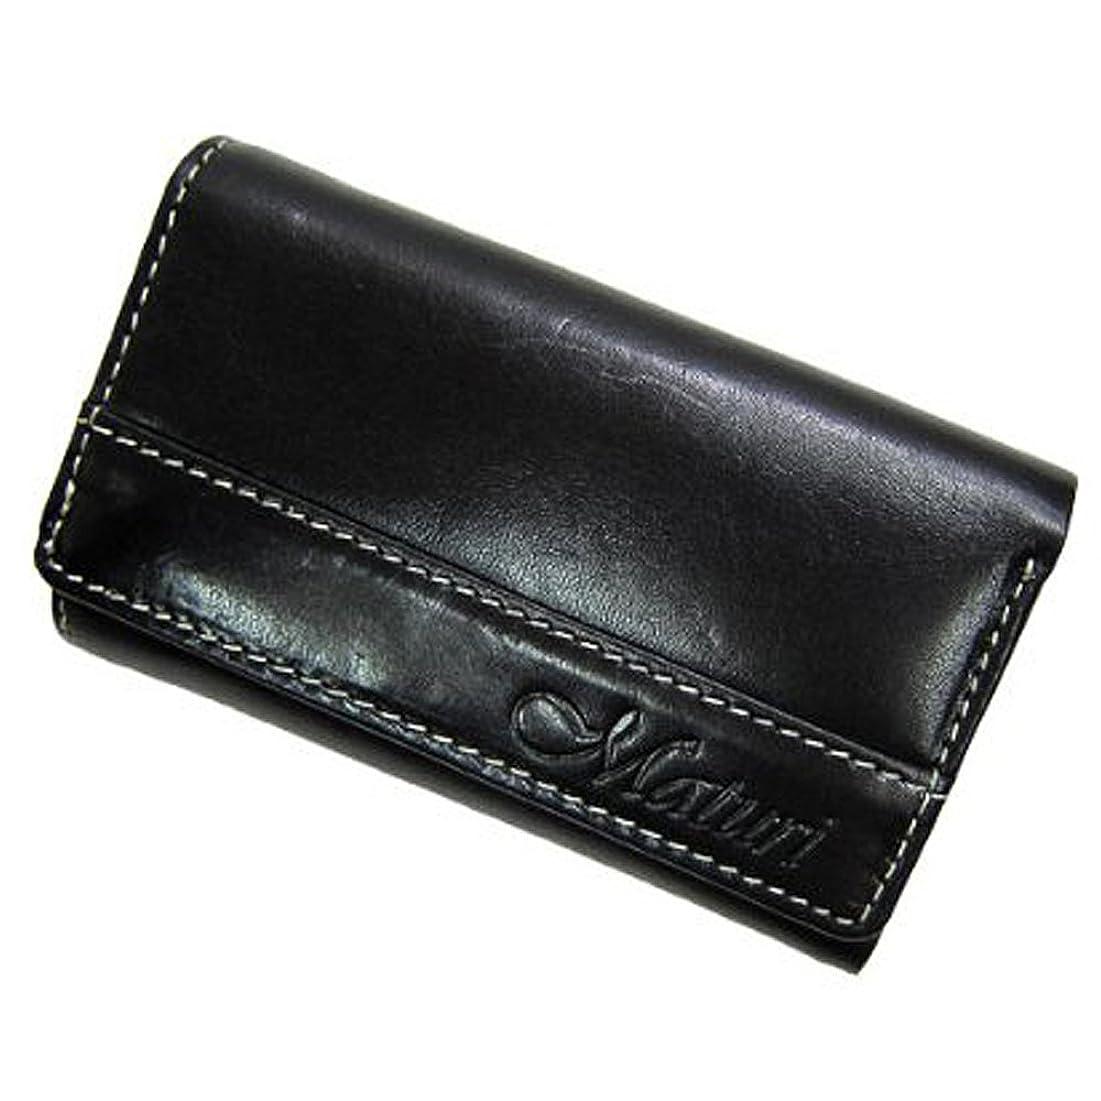 先例小川途方もないMaturi マトゥーリ プッチーニ イタリアンレザー 3way多機能 キーケース 財布 MR-116 黒